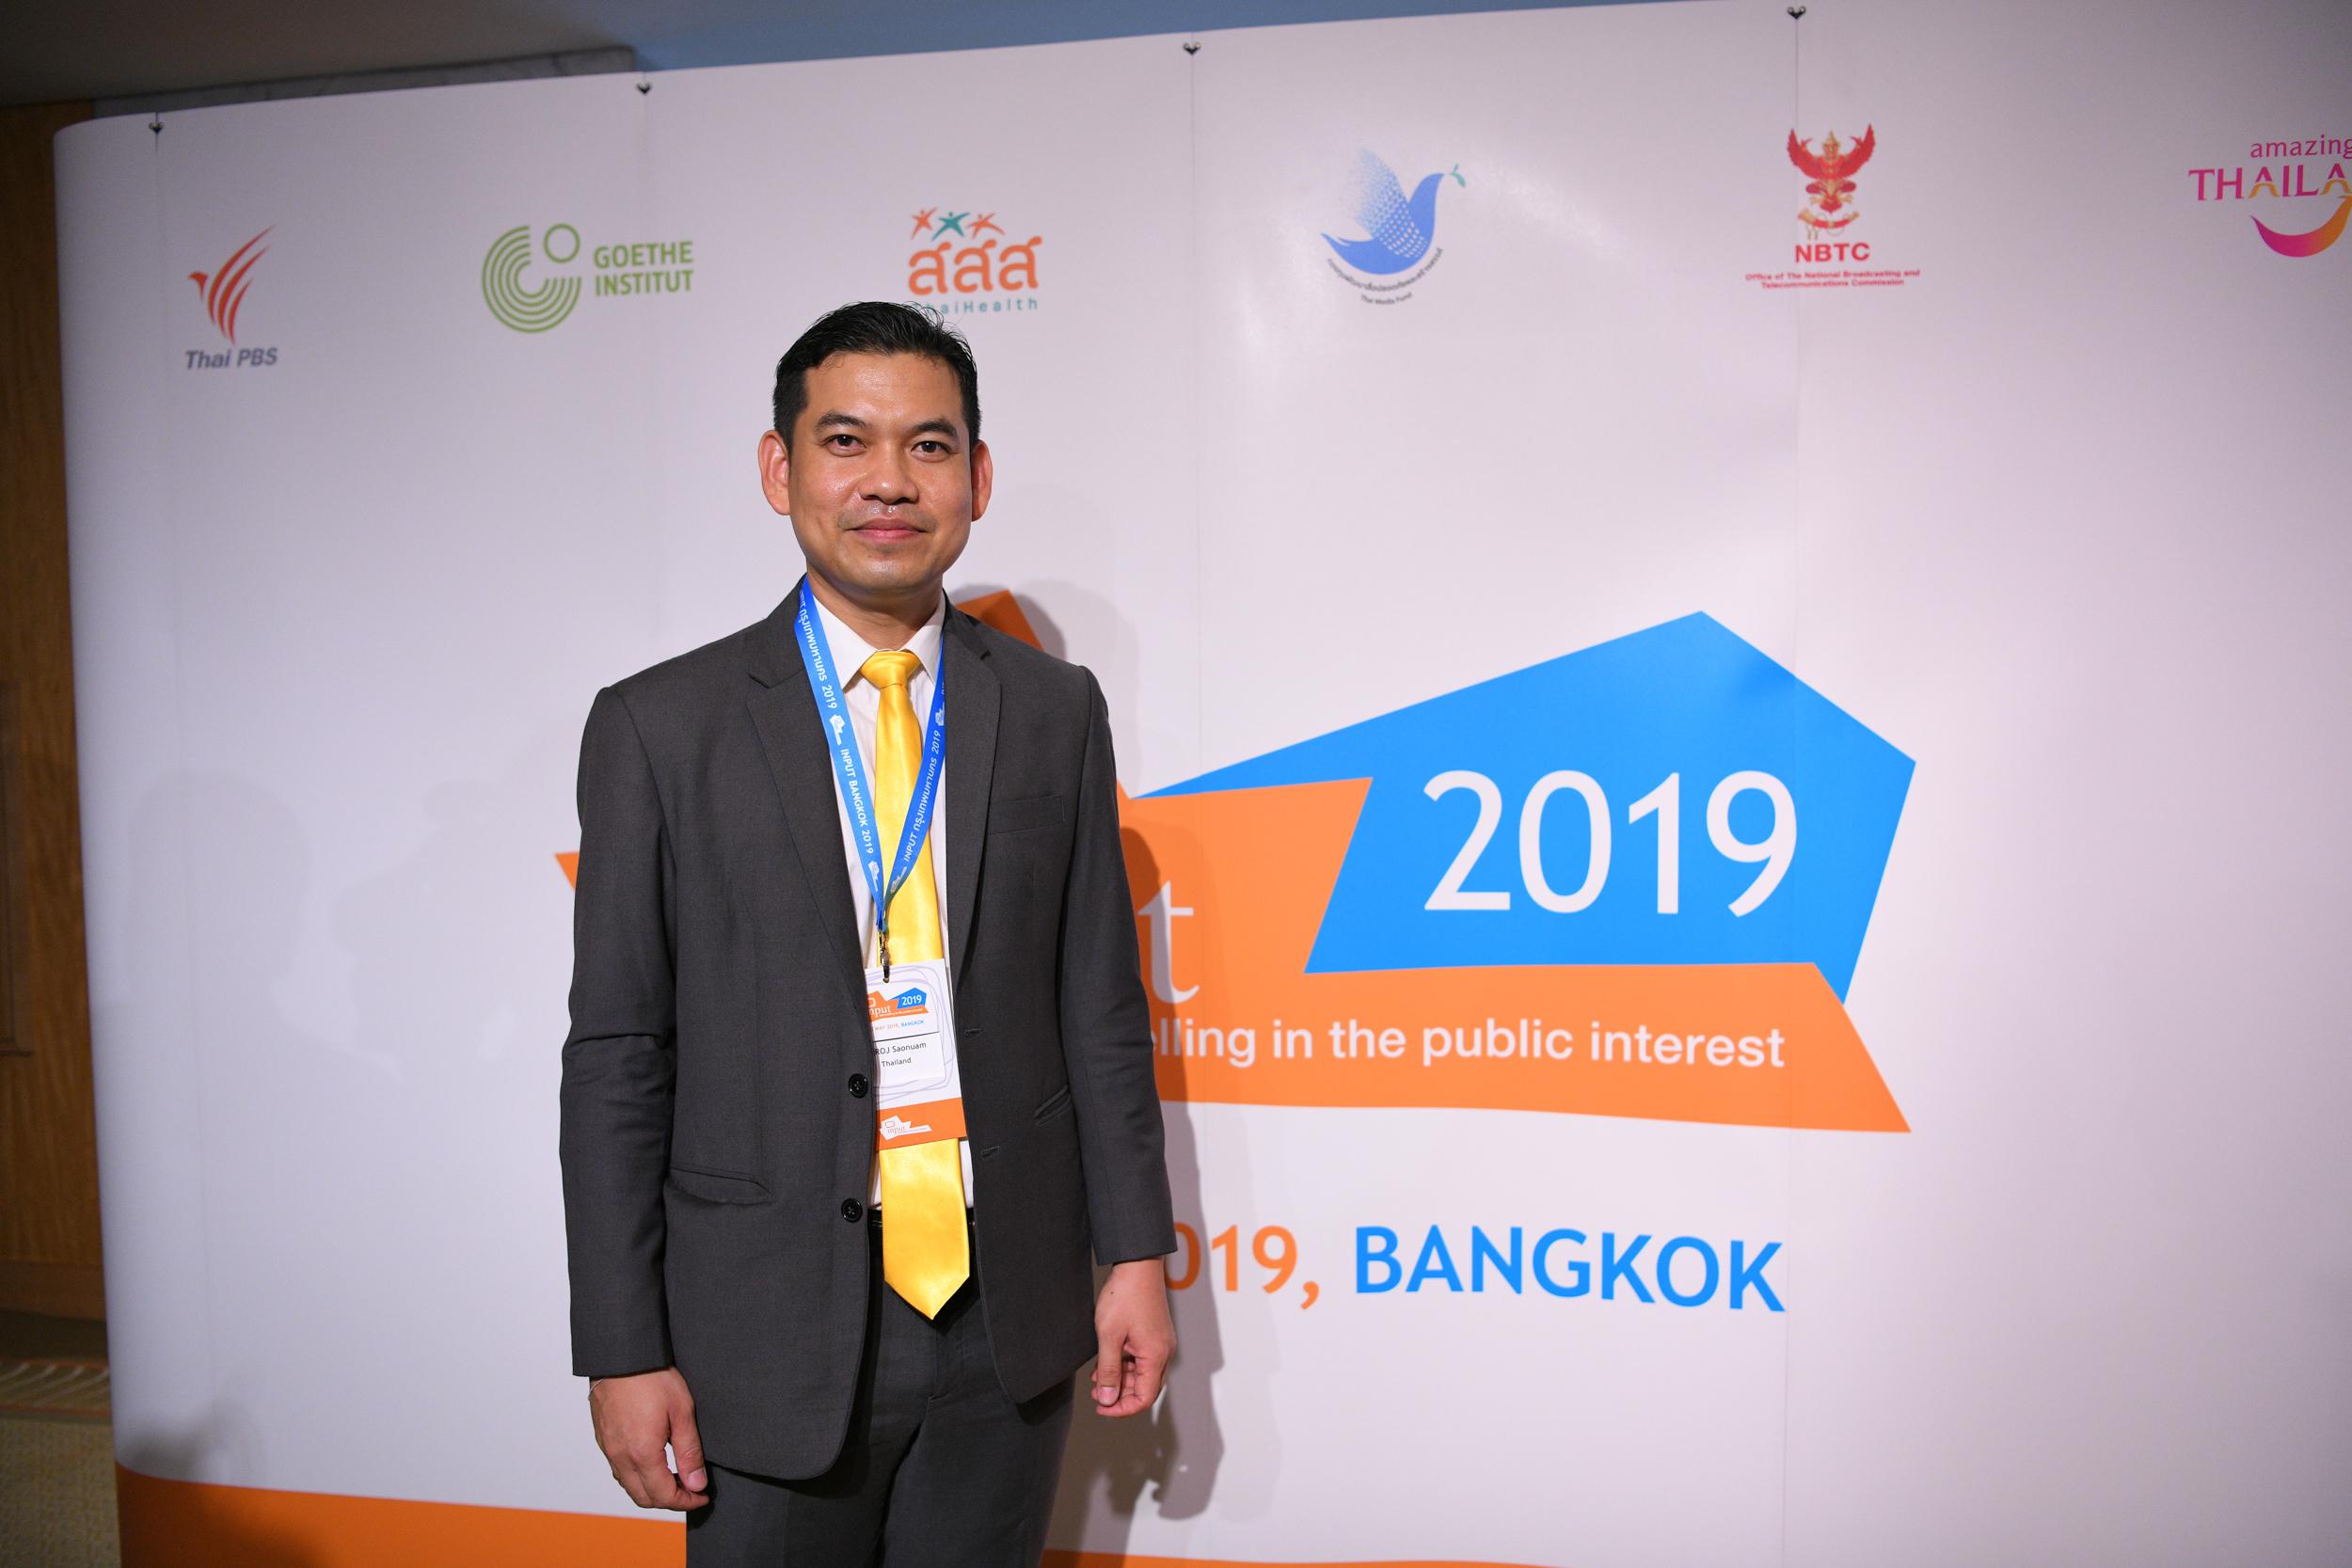 ชูเรื่องเล่าประโยชน์สาธารณะ สร้างแรงบันดาลใจผู้ผลิตไทย thaihealth